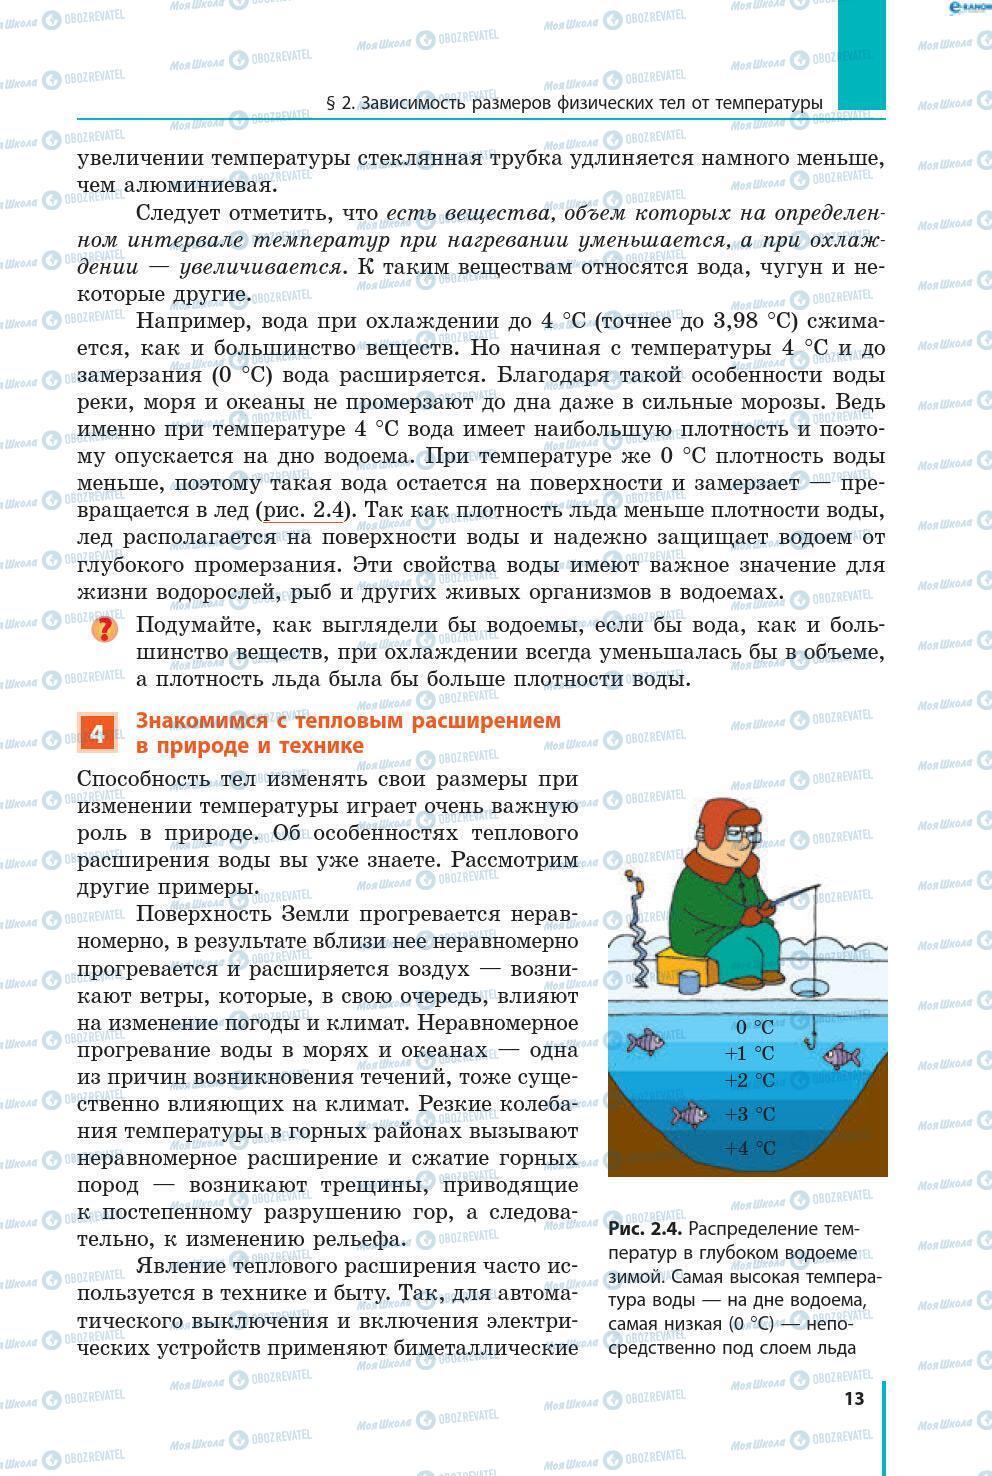 Підручники Фізика 8 клас сторінка 13